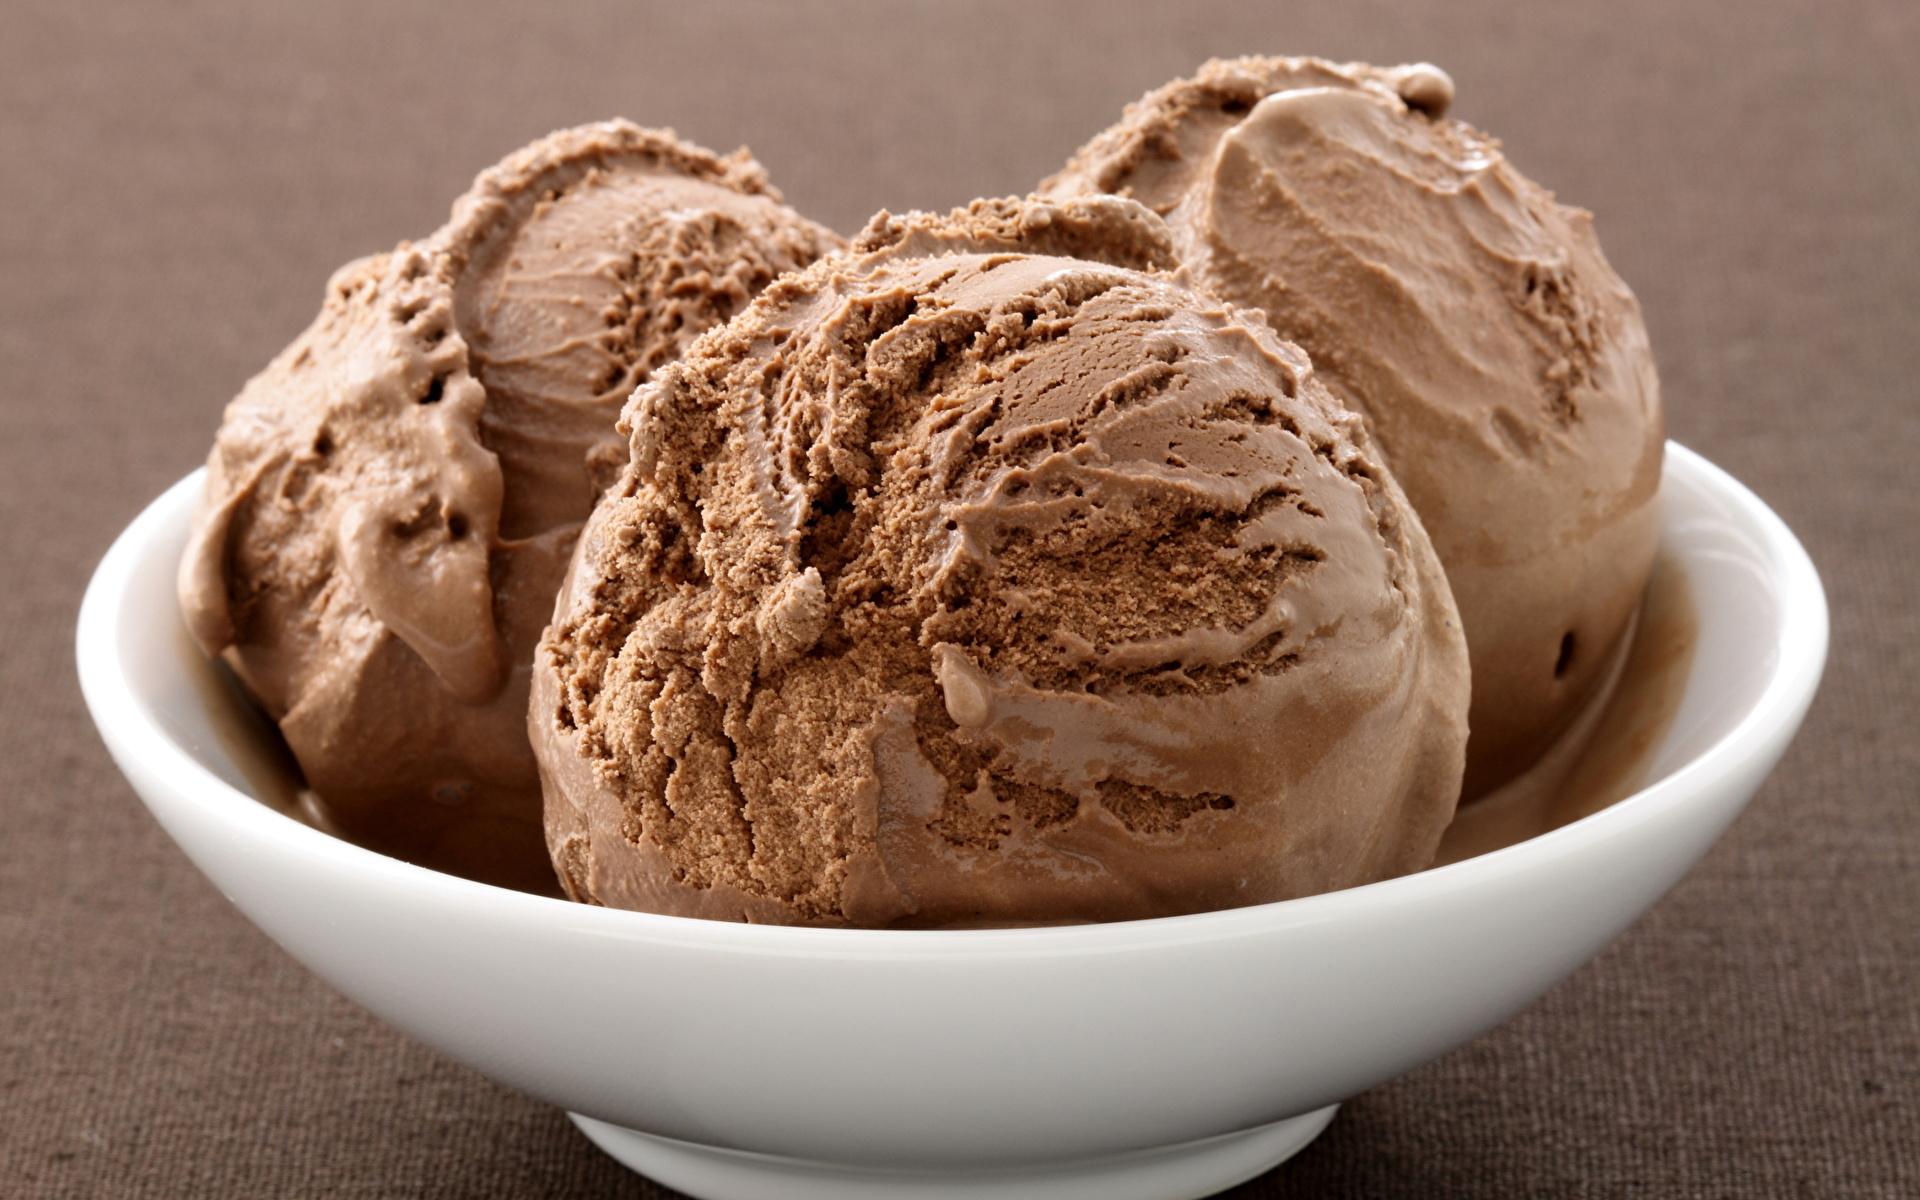 кремово-шоколадное мороженое  № 2279359 загрузить